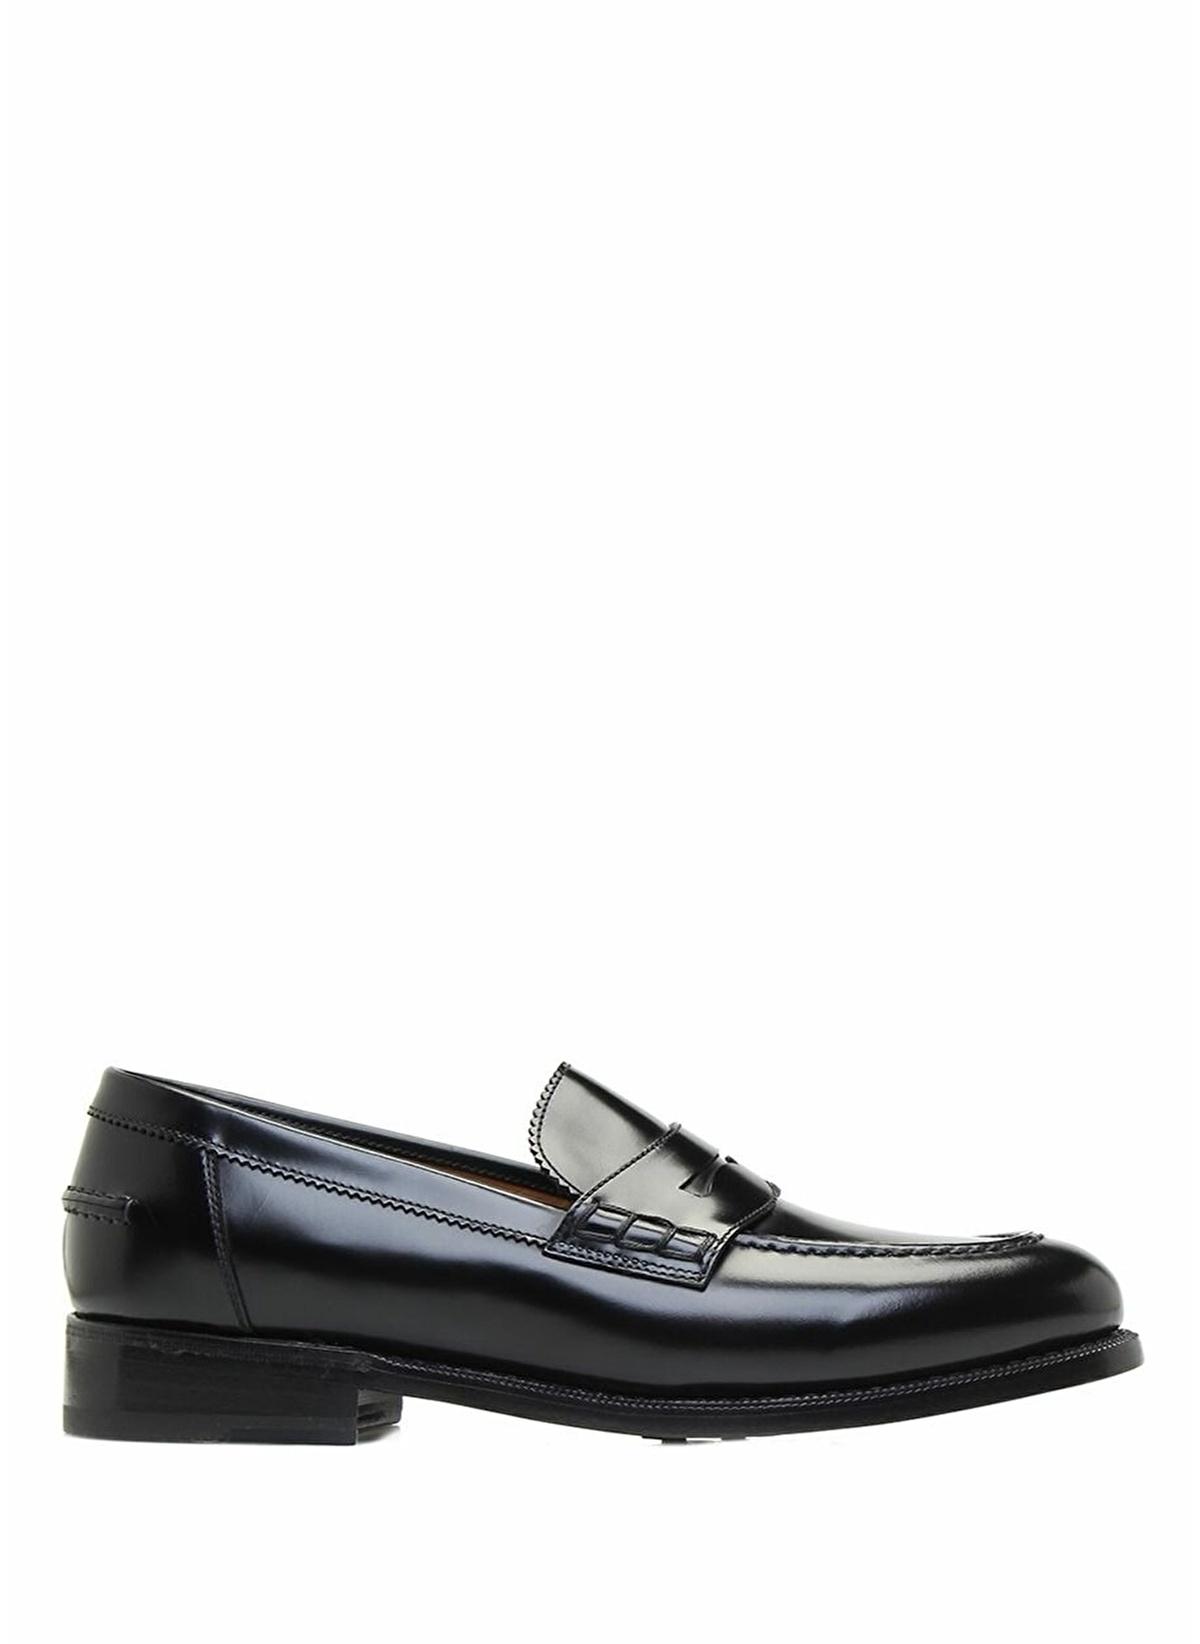 Barrett Ayakkabı 101375054-e-loafer – 4499.0 TL